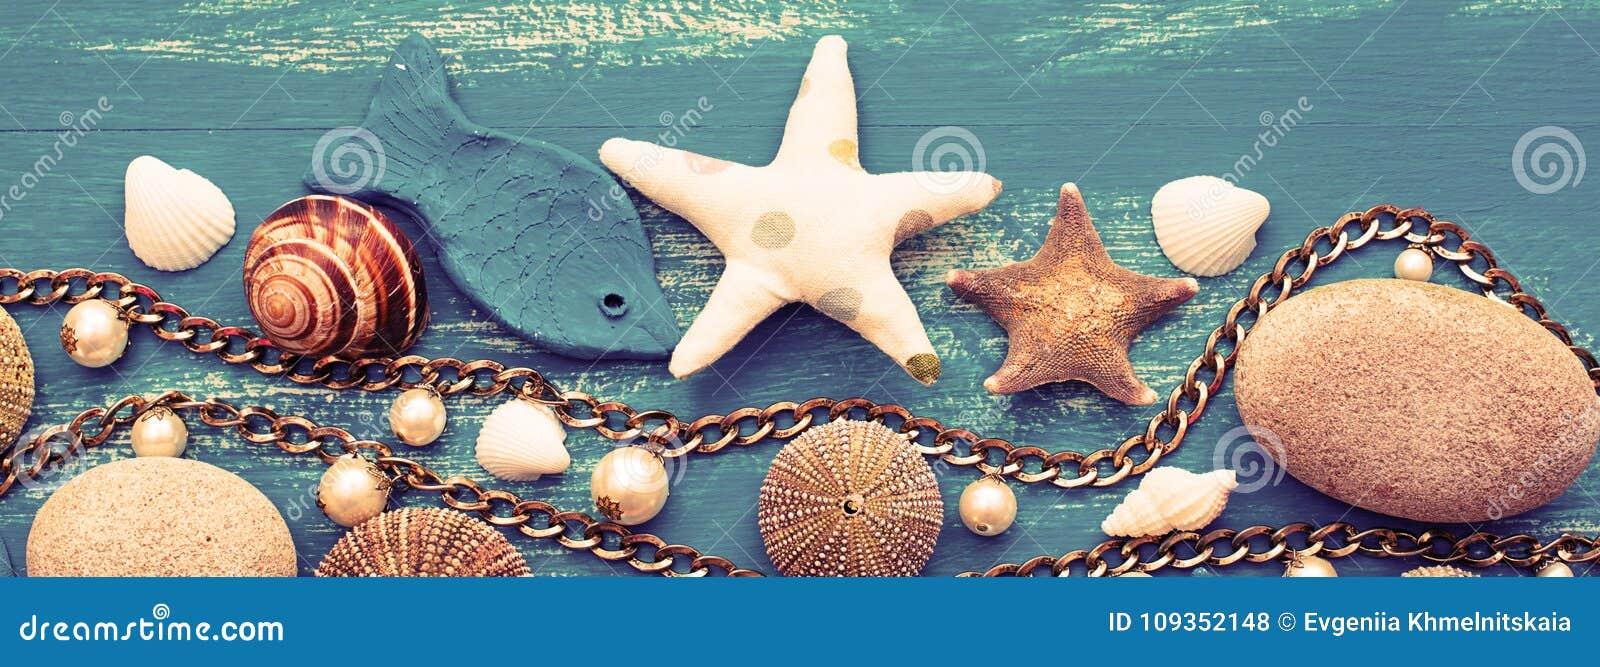 Arreglo decorativo de la bandera de las cáscaras y de las piedras del mar